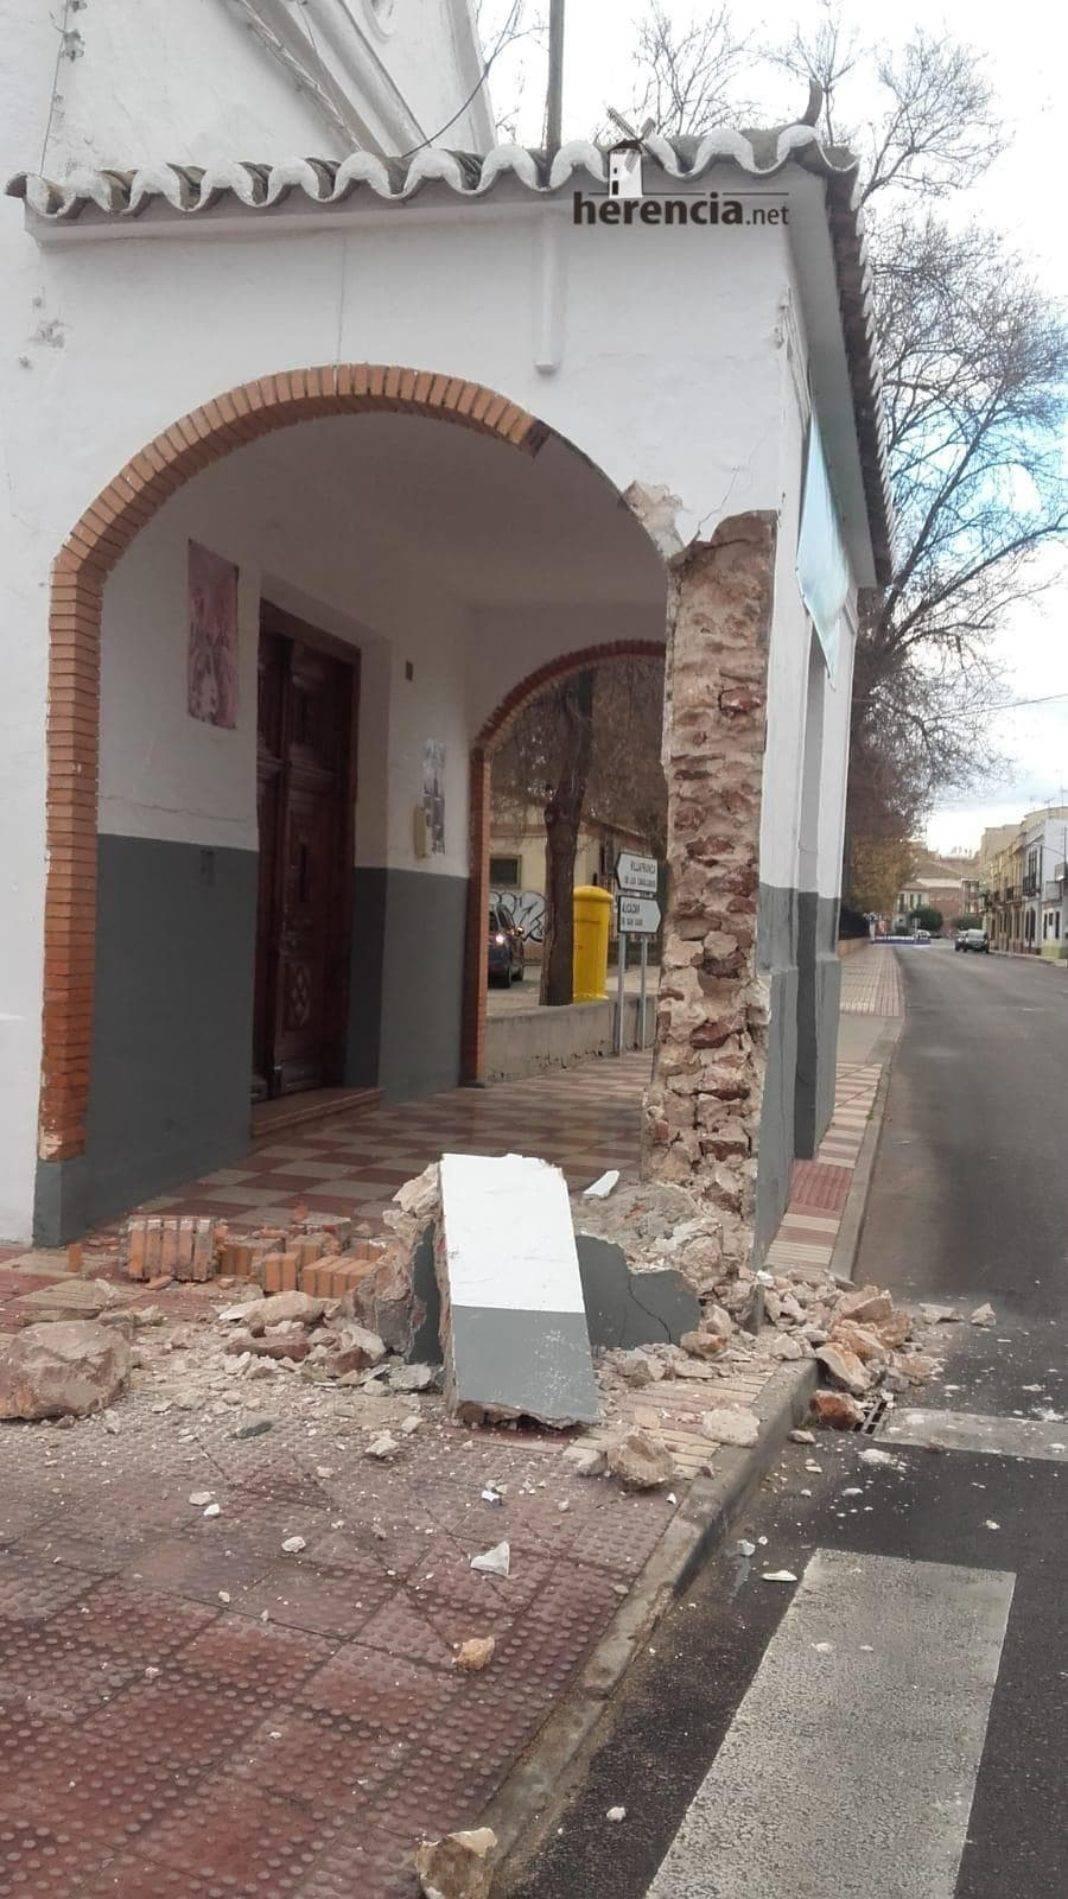 accidente contra ermita la encarnacion herencia 3 1068x1899 - La Ermita de La Encarnación sufre daños por un supuesto accidente de tráfico